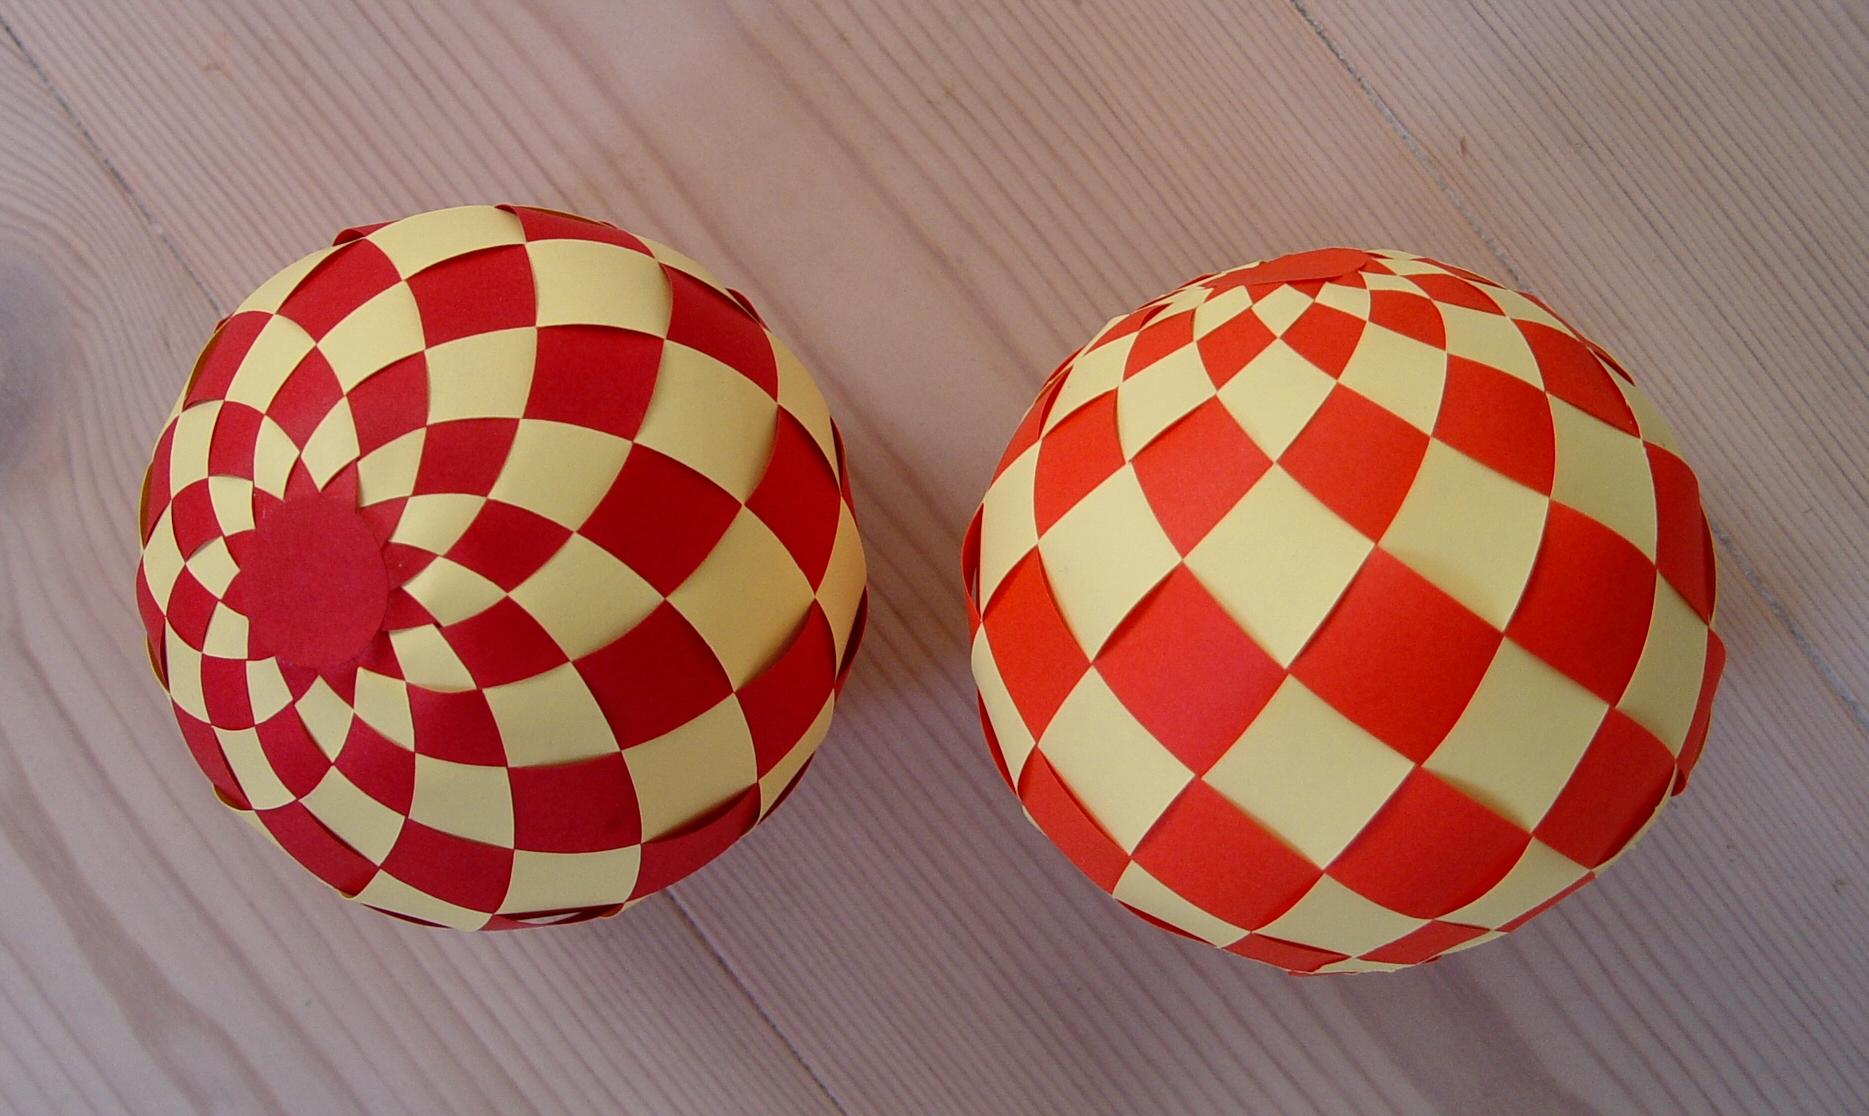 Бумажные шары из бумаги самые простые